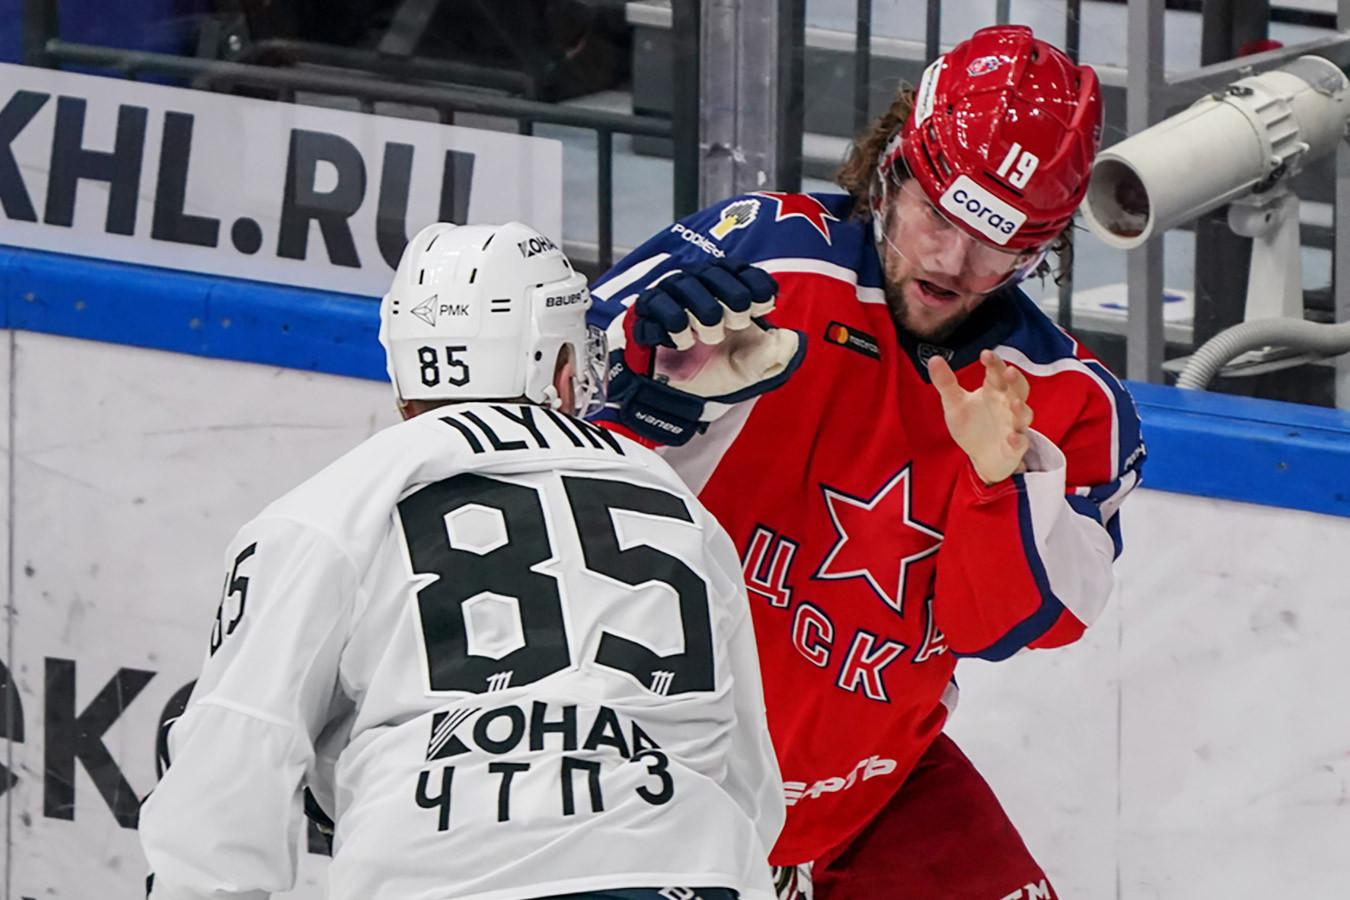 Ильин сцепился с Лайпсиком, Телегин отнимал шайбу лёжа. Фото победы «Трактора» над ЦСКА